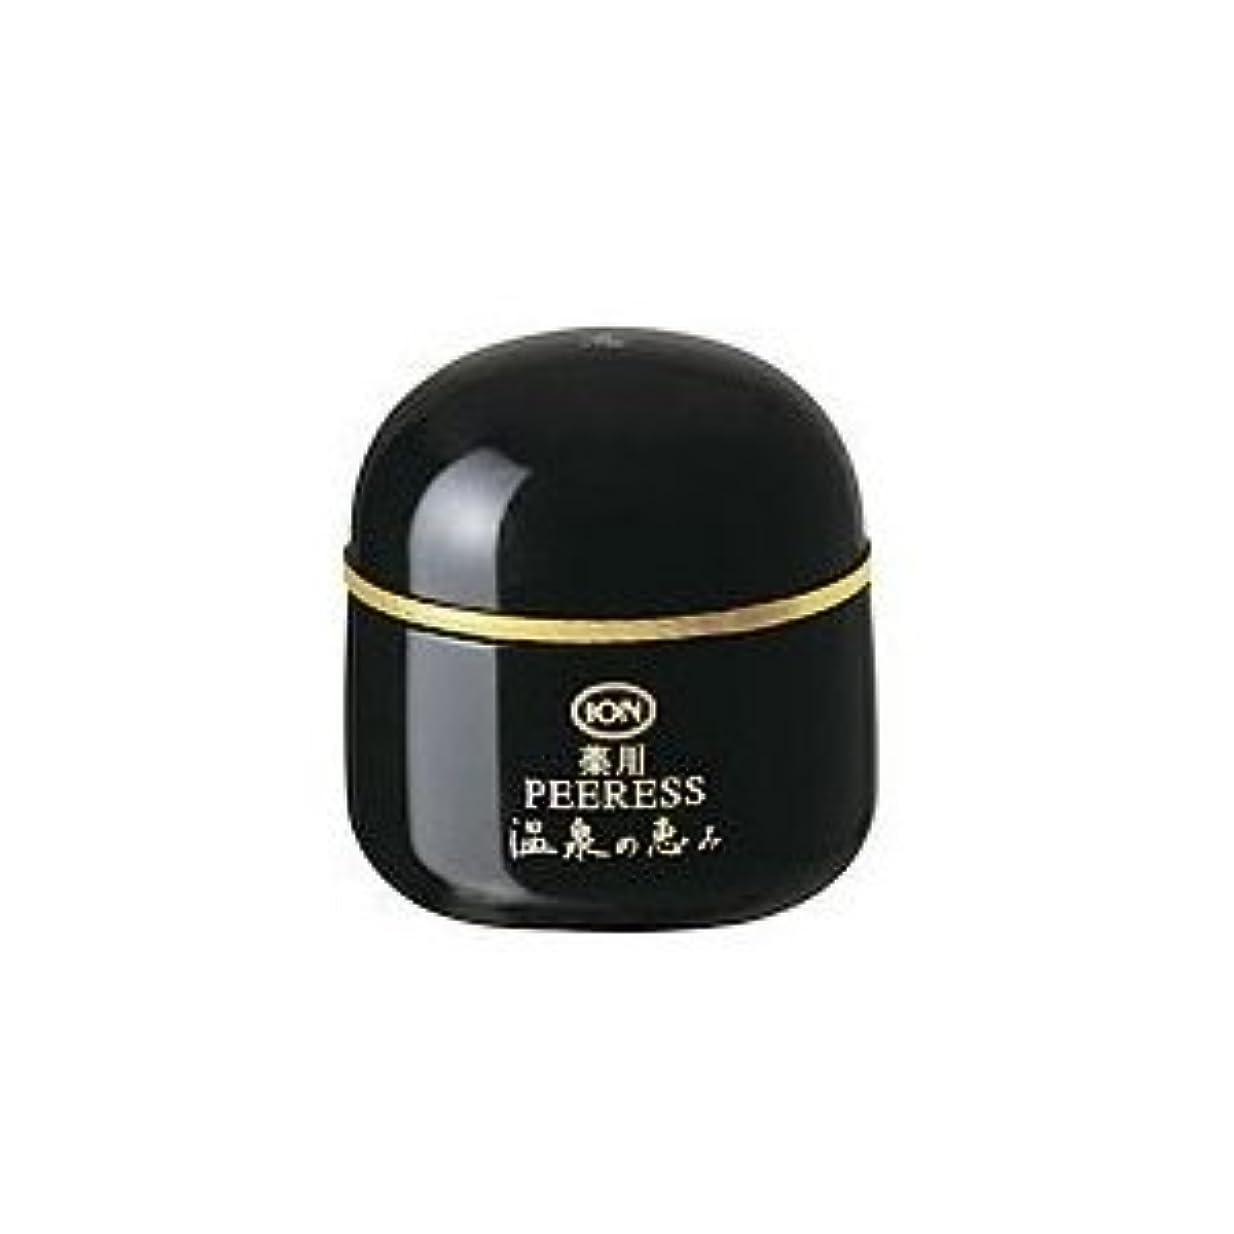 ファランクス一杯祈りイオン化粧品 温泉の恵み 薬用ピアレススプリーム 40g 弱酸性 普通肌~荒性肌用